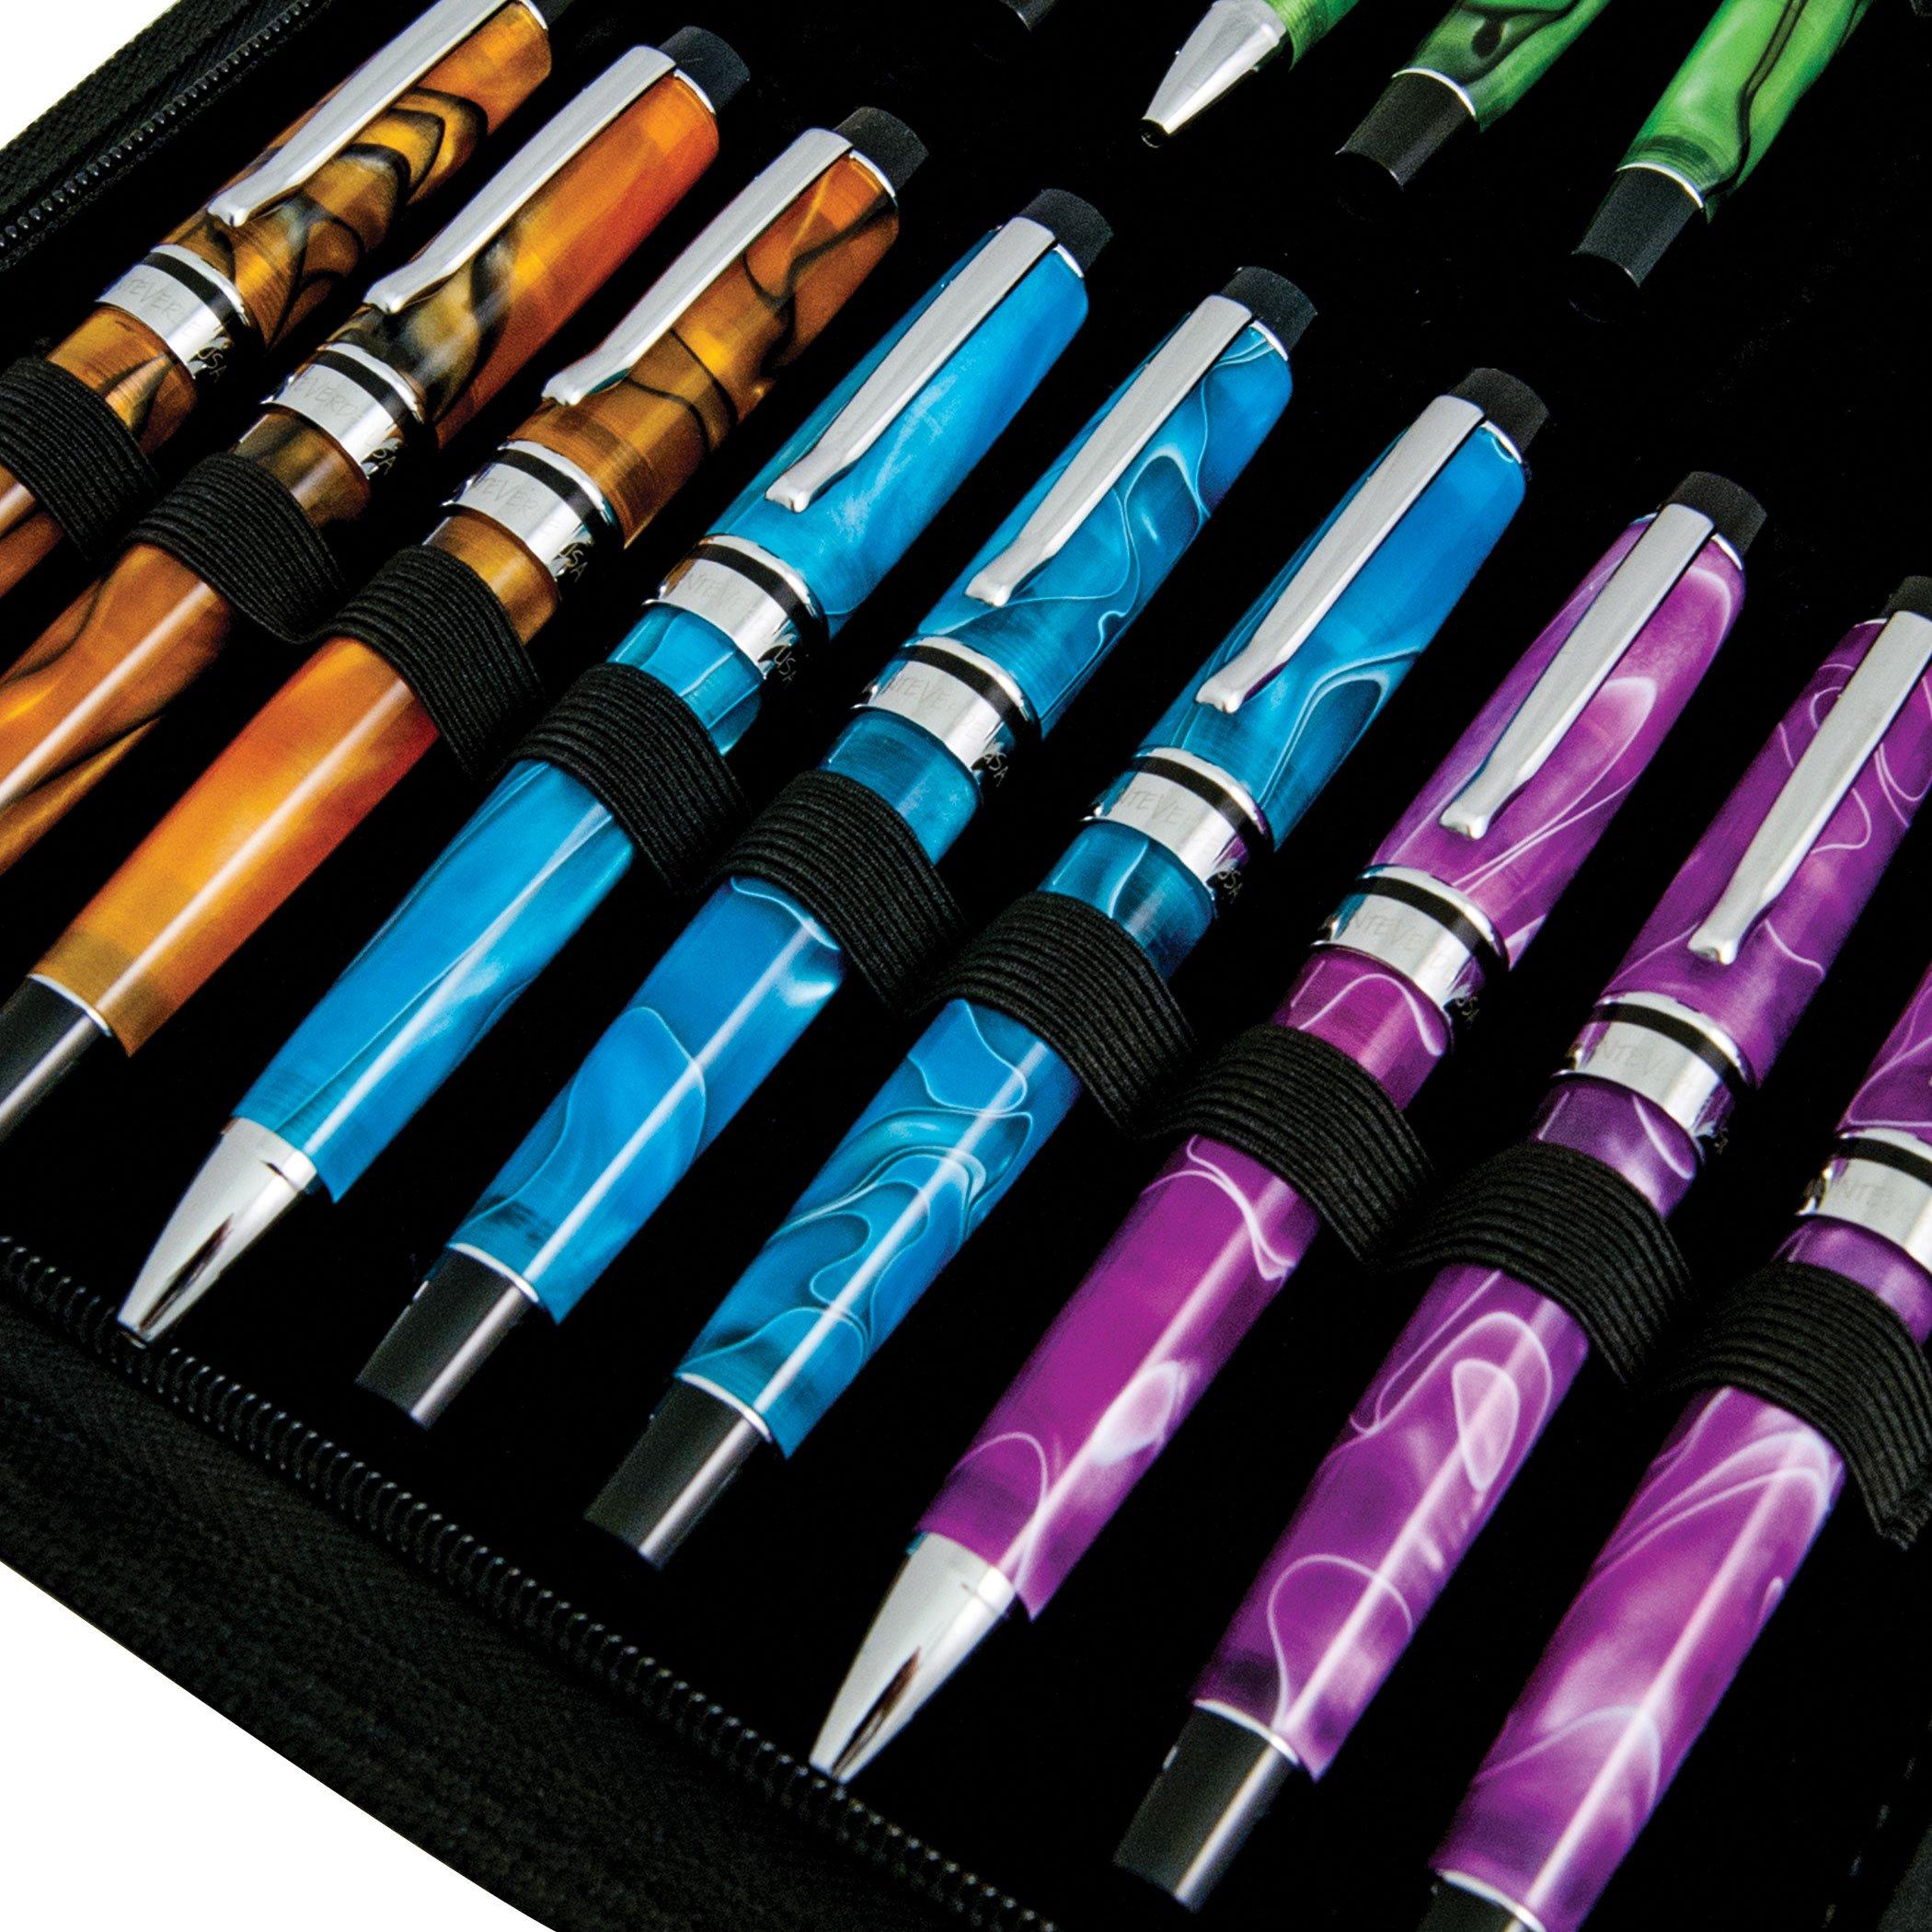 MONTEVERDE Monteverde 36 PC Zipper Pen Case; Black (1407) by Monteverde (Image #4)